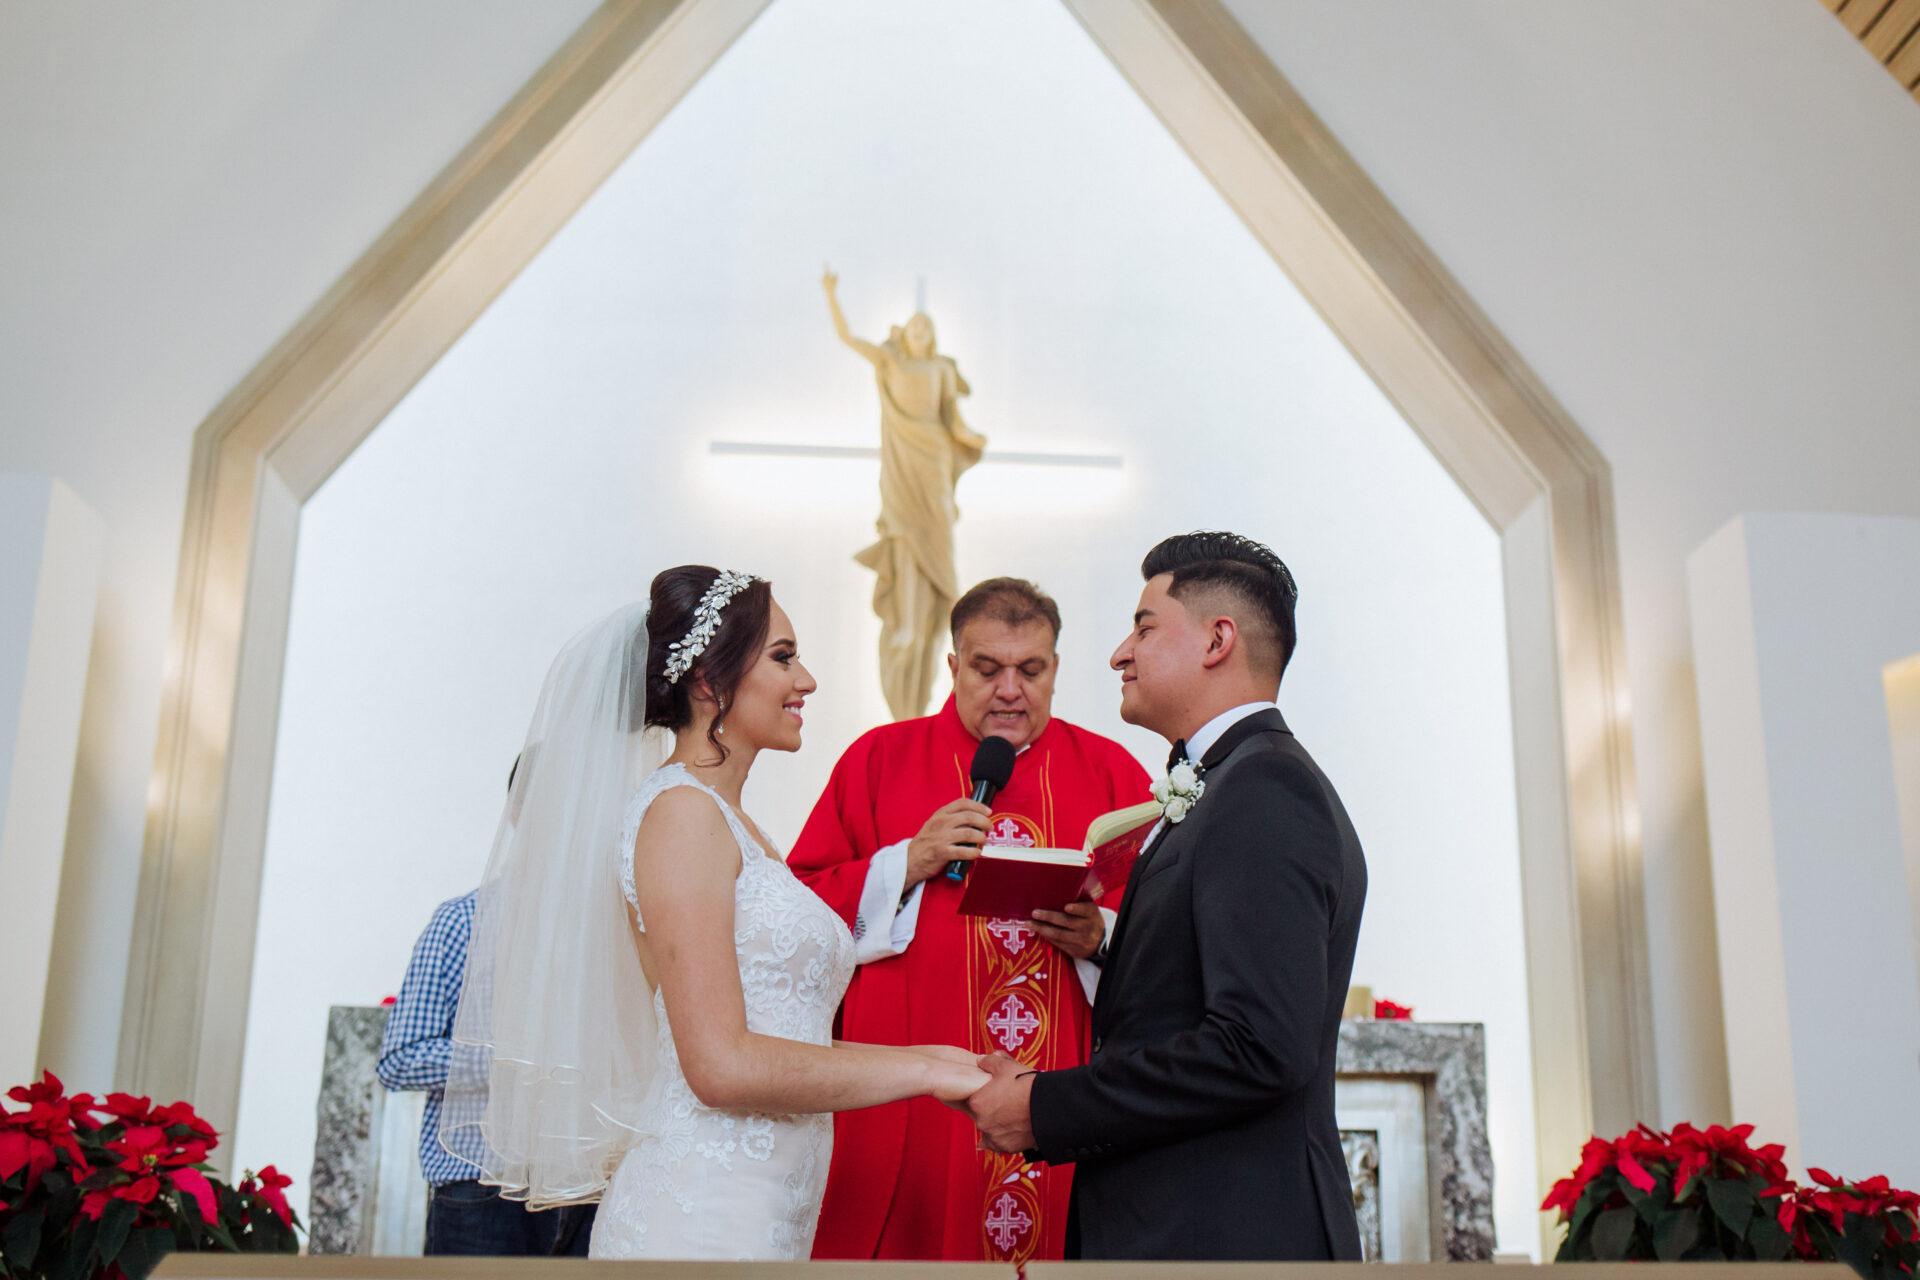 javier_noriega_fotografo_Boda_san_ramon_zacatecas_wedding_photographer8